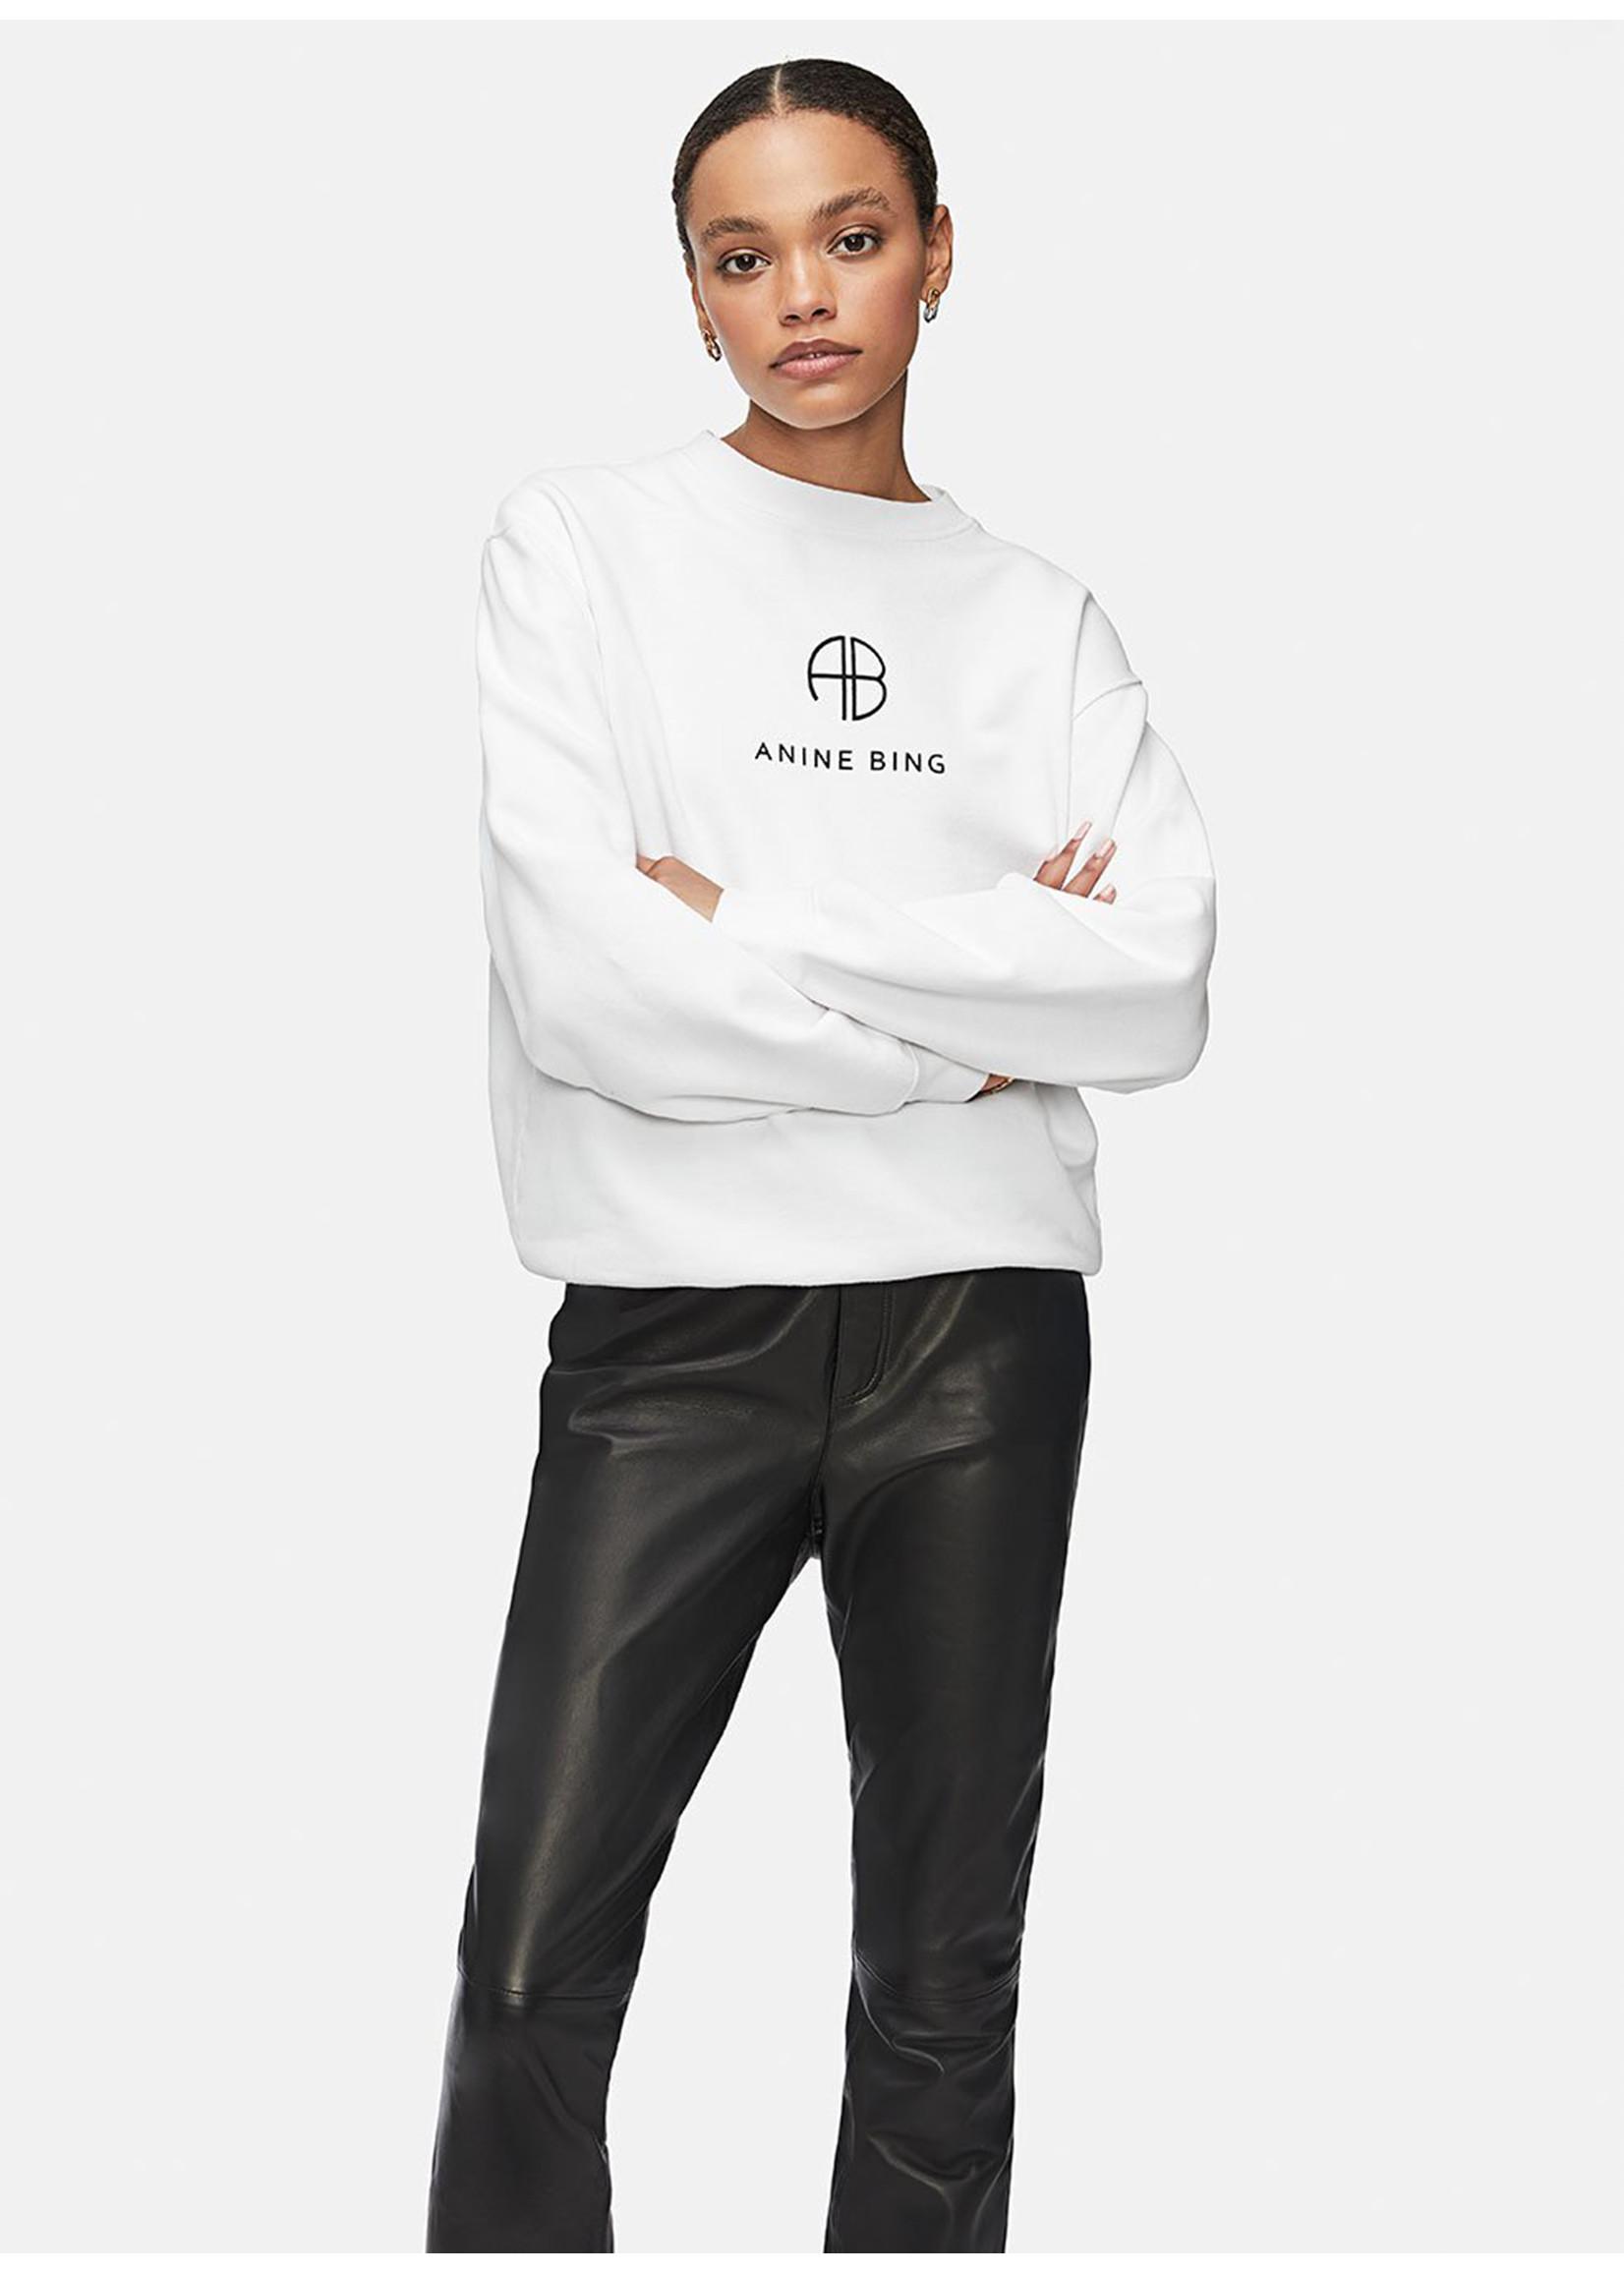 Anine Bing Ramona sweatshirt monogram white